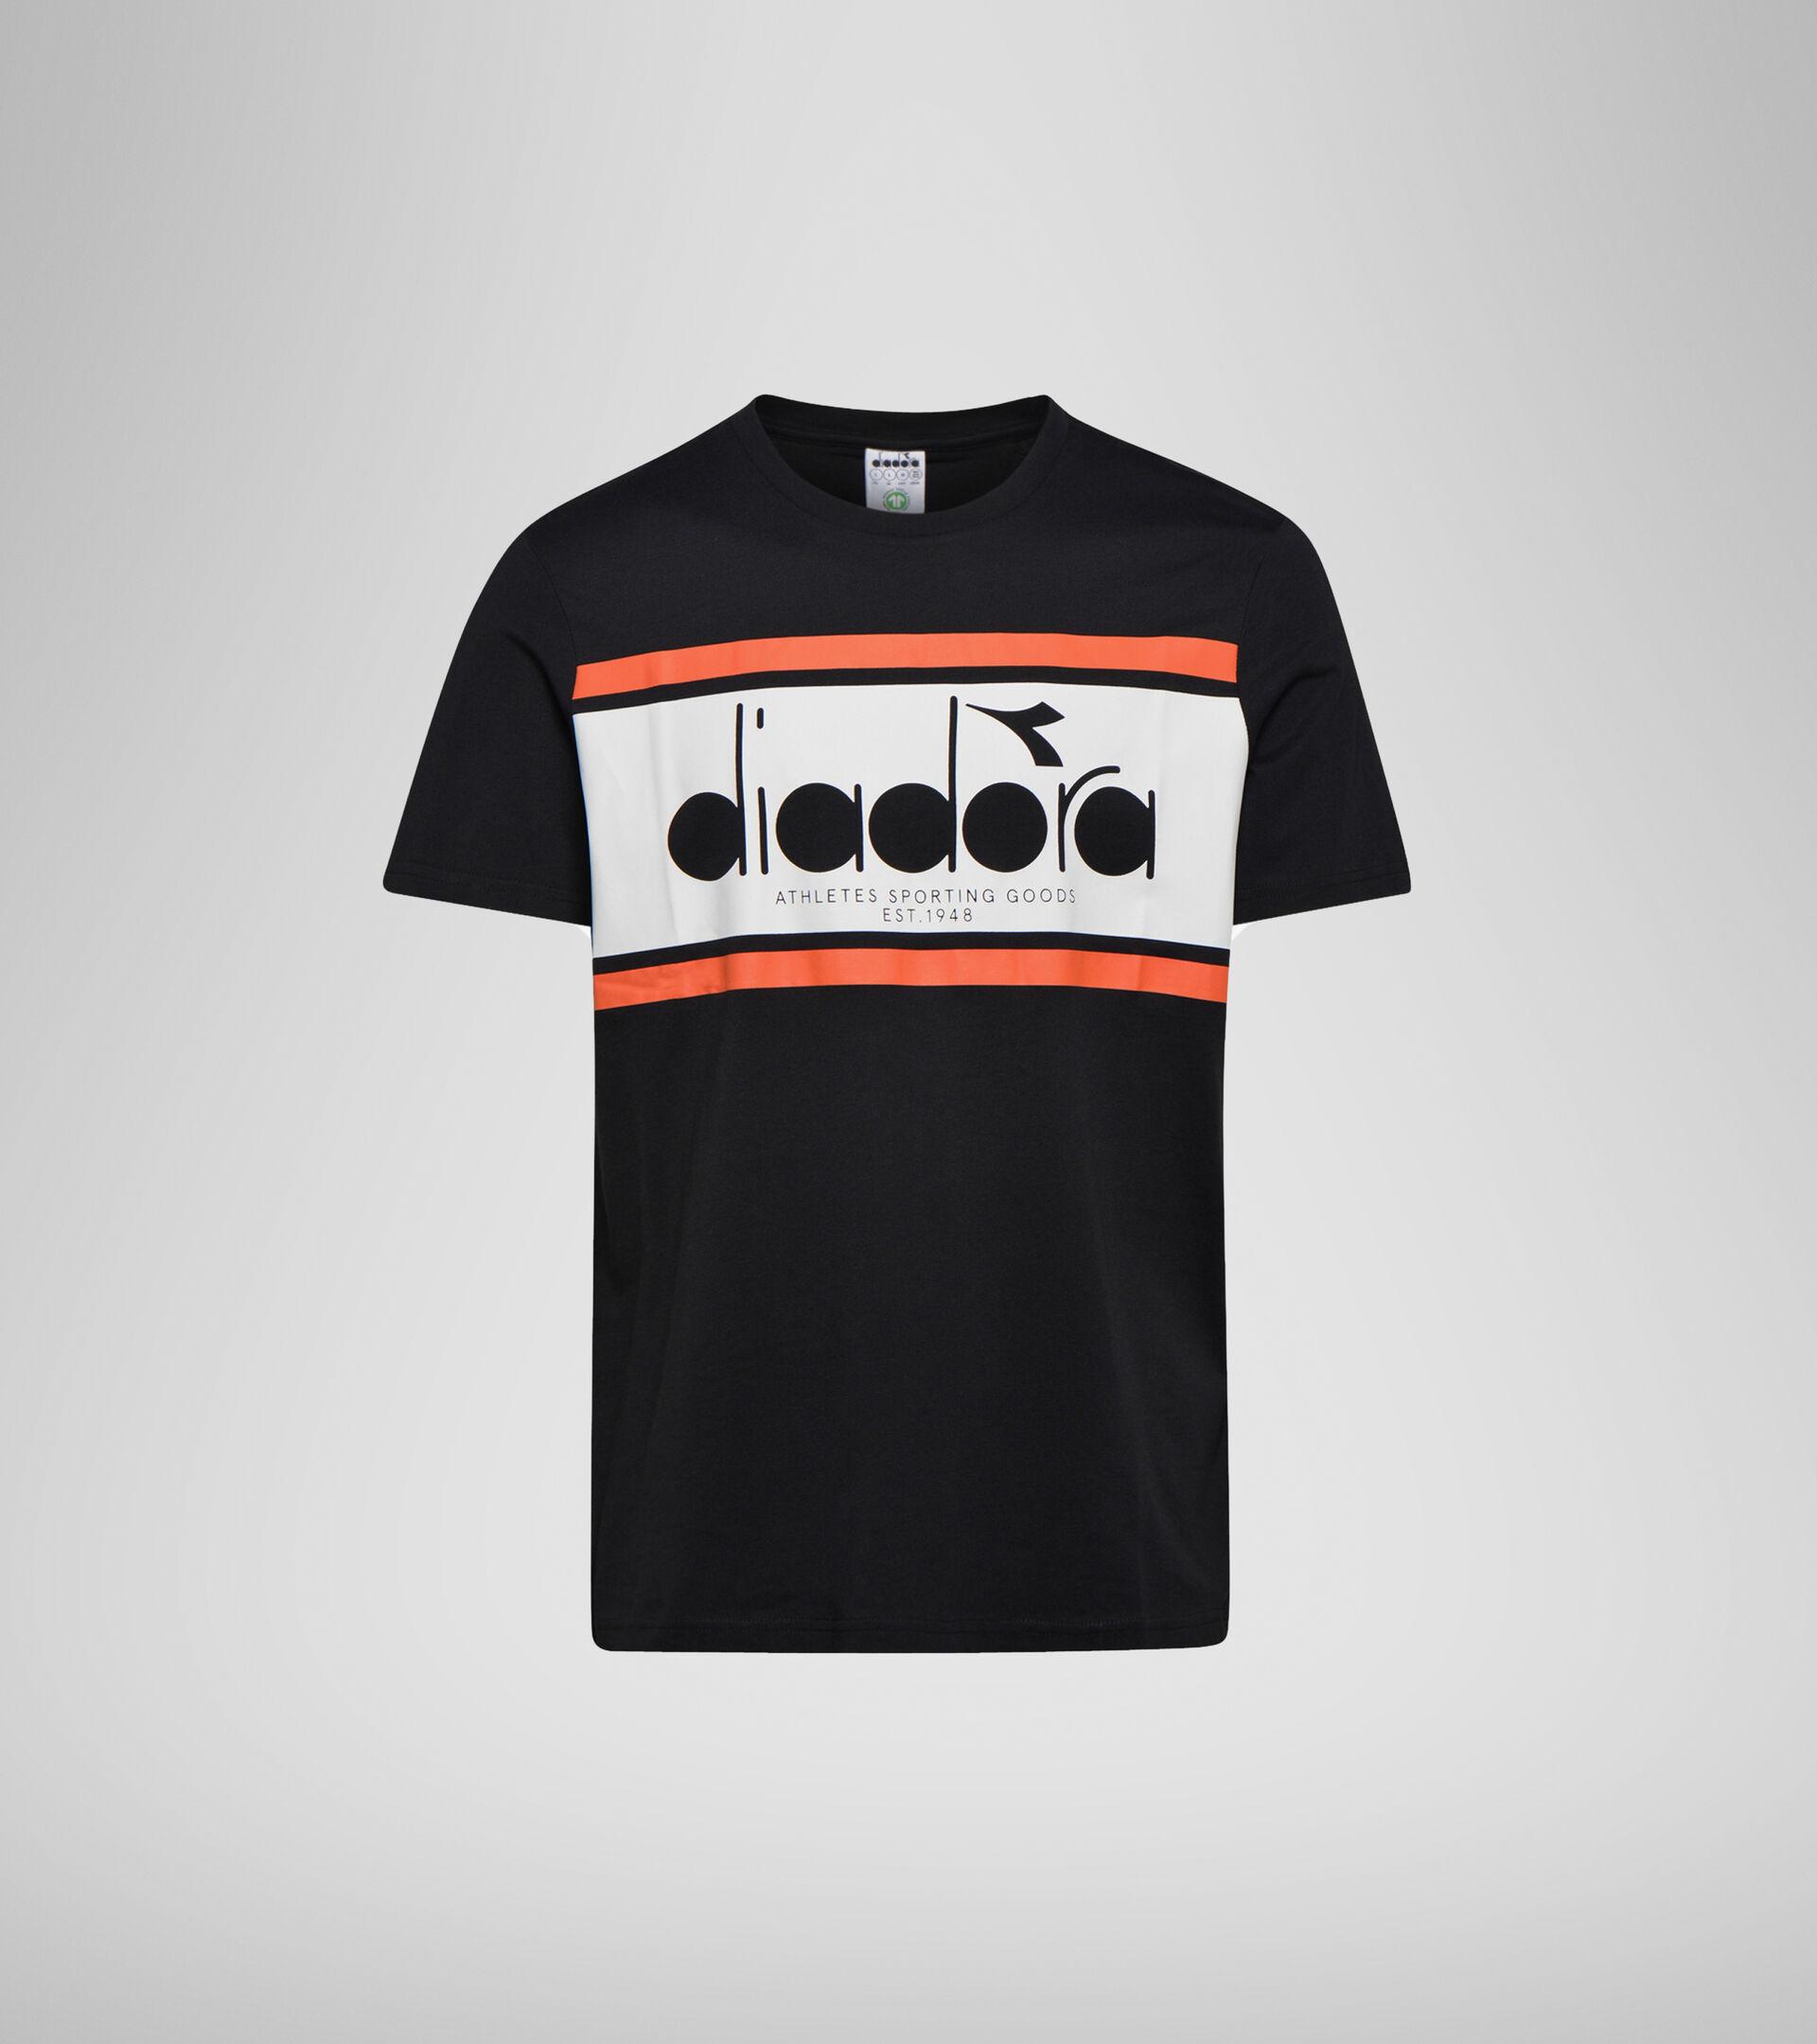 T-Shirt - Unisex SS T-SHIRT SPECTRA OC SCHWZ/MILCHWSS/ORANGEADE - Diadora